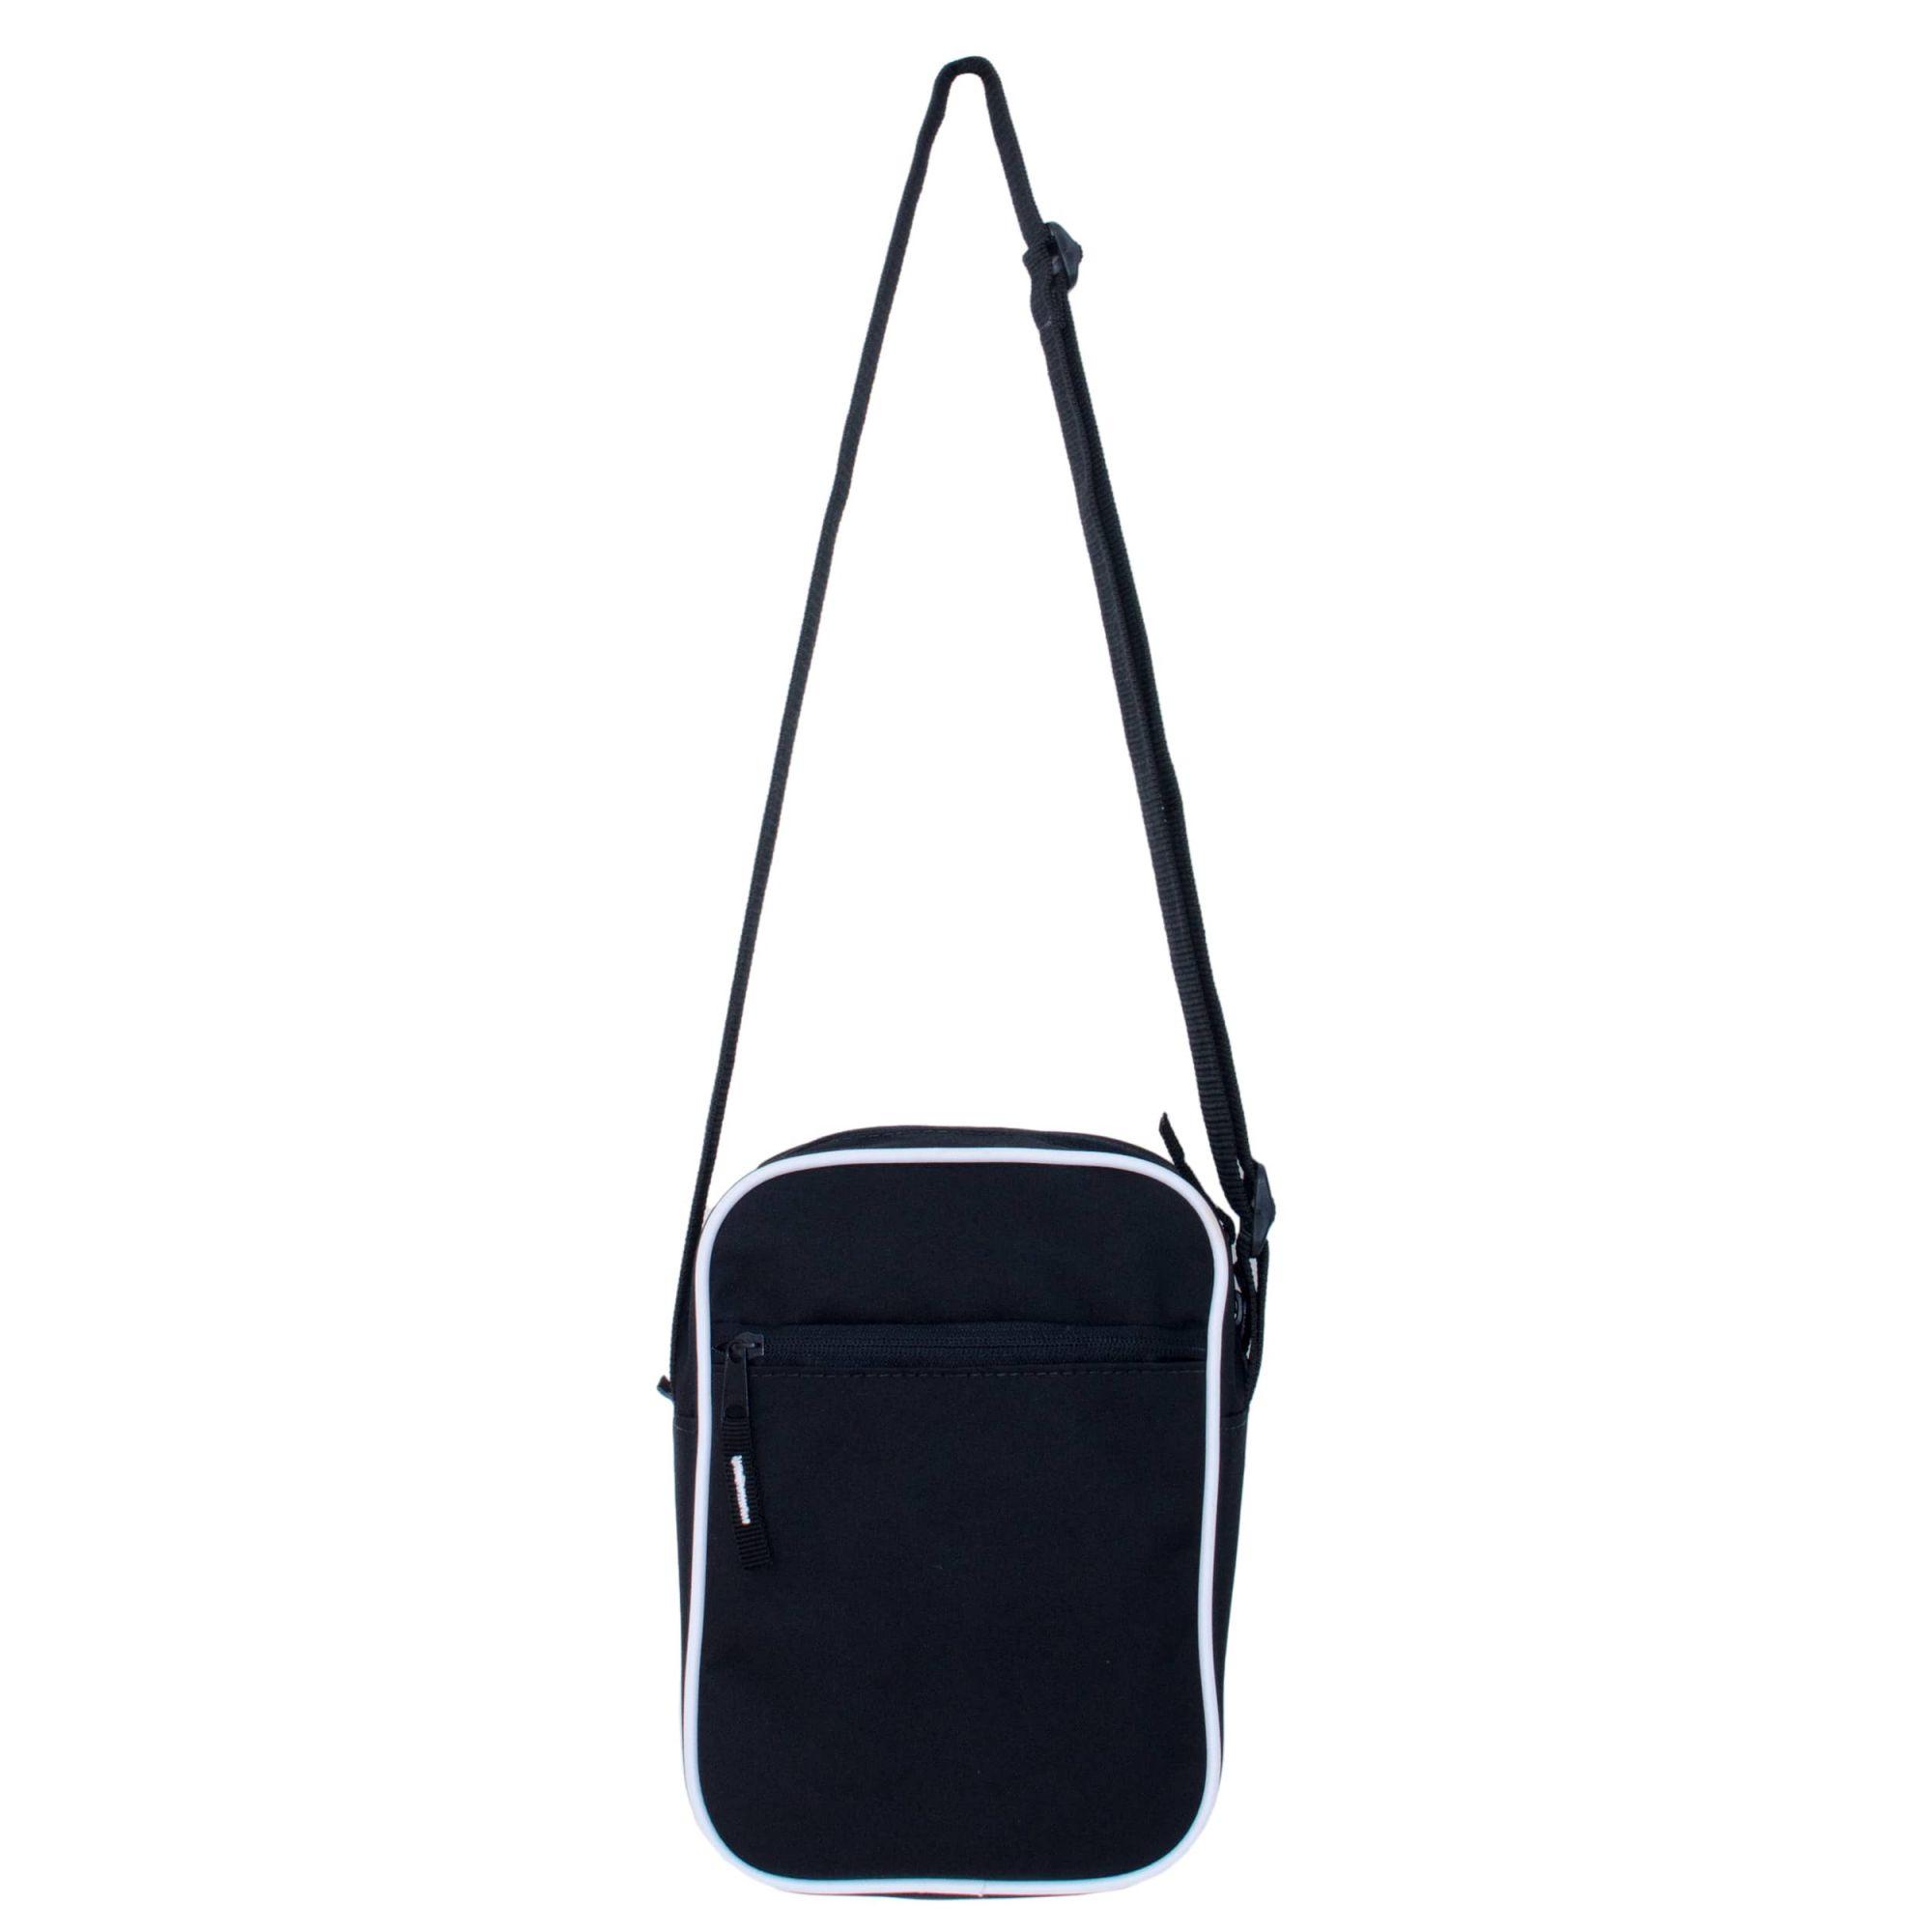 Shoulder Bag Surreal Preta